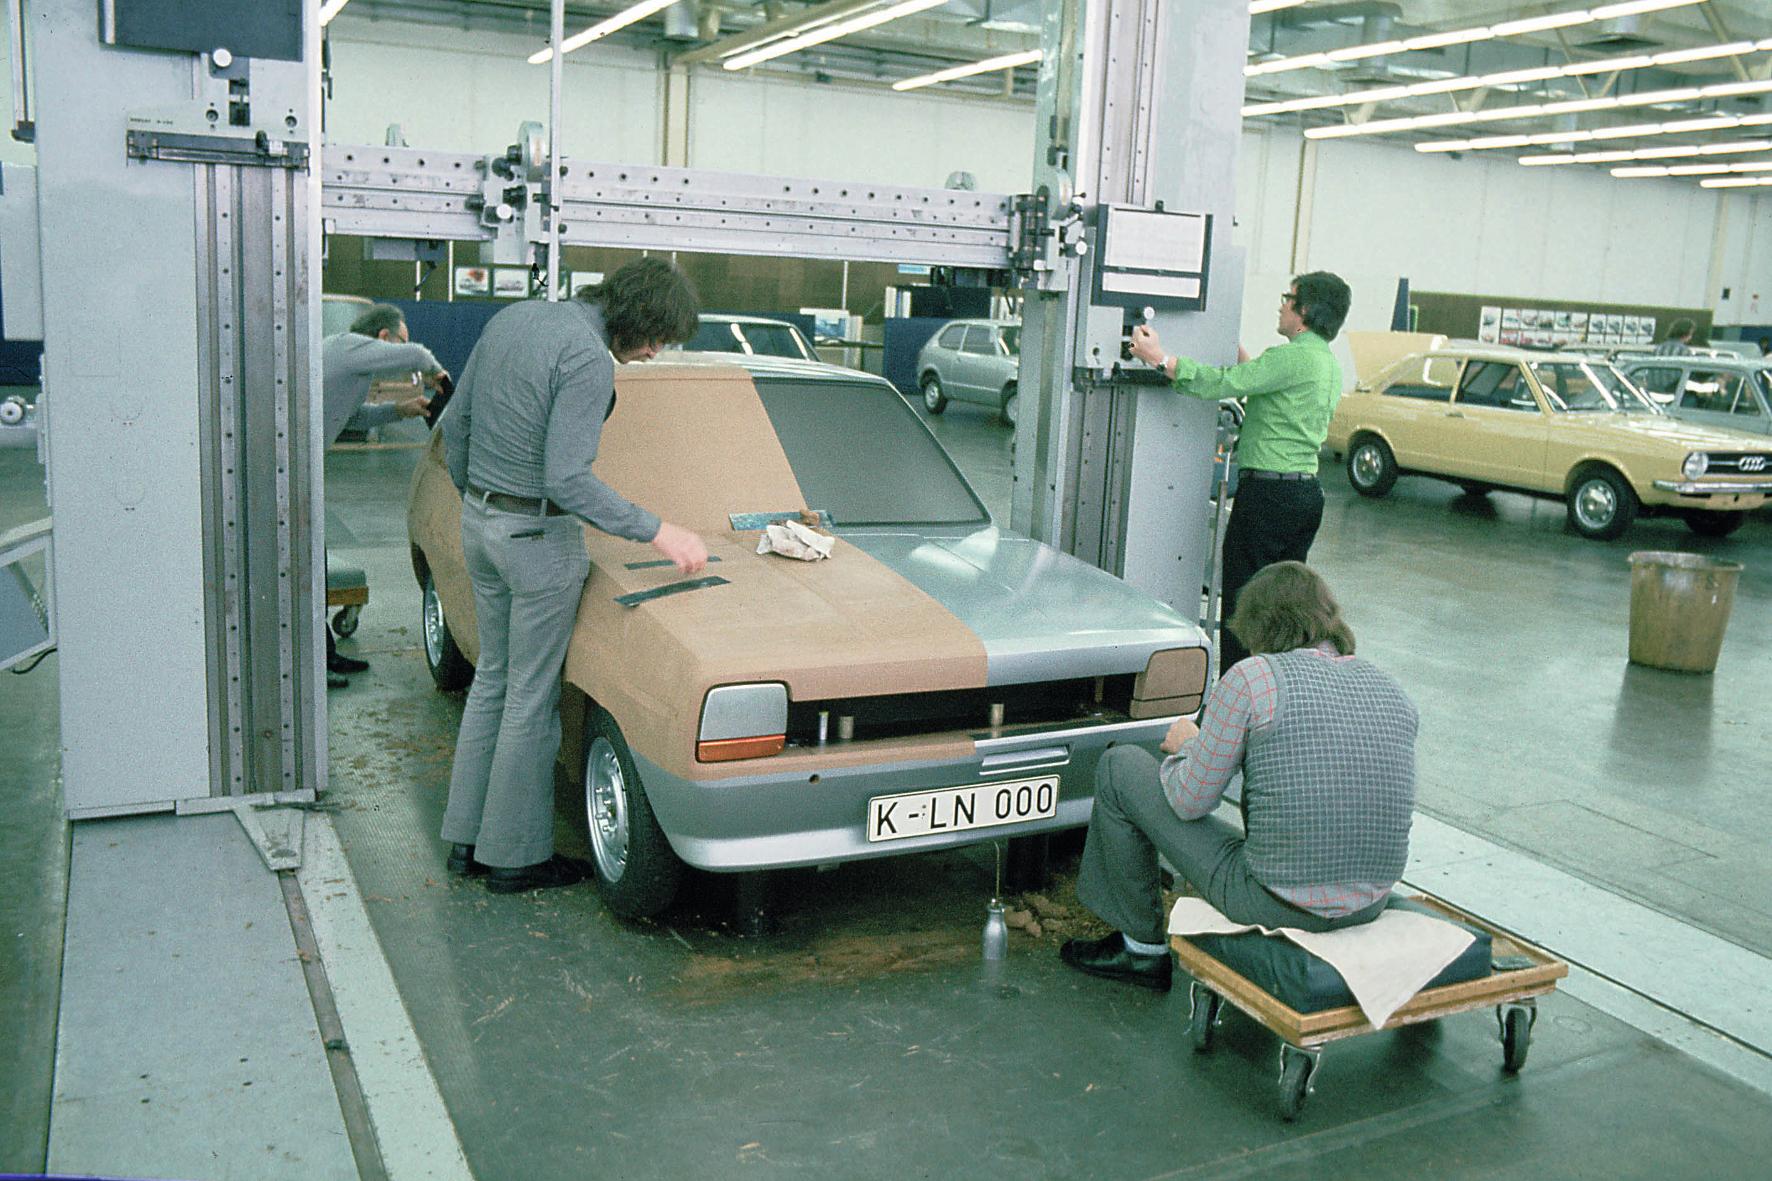 mid Groß-Gerau - Vom Projekt Bobcat zum erfolgreichsten Kleinwagen Europas: Die Entwicklung des Ford Fiesta startet 1974, bis zur Markteinführung vergehen zwei Jahre.